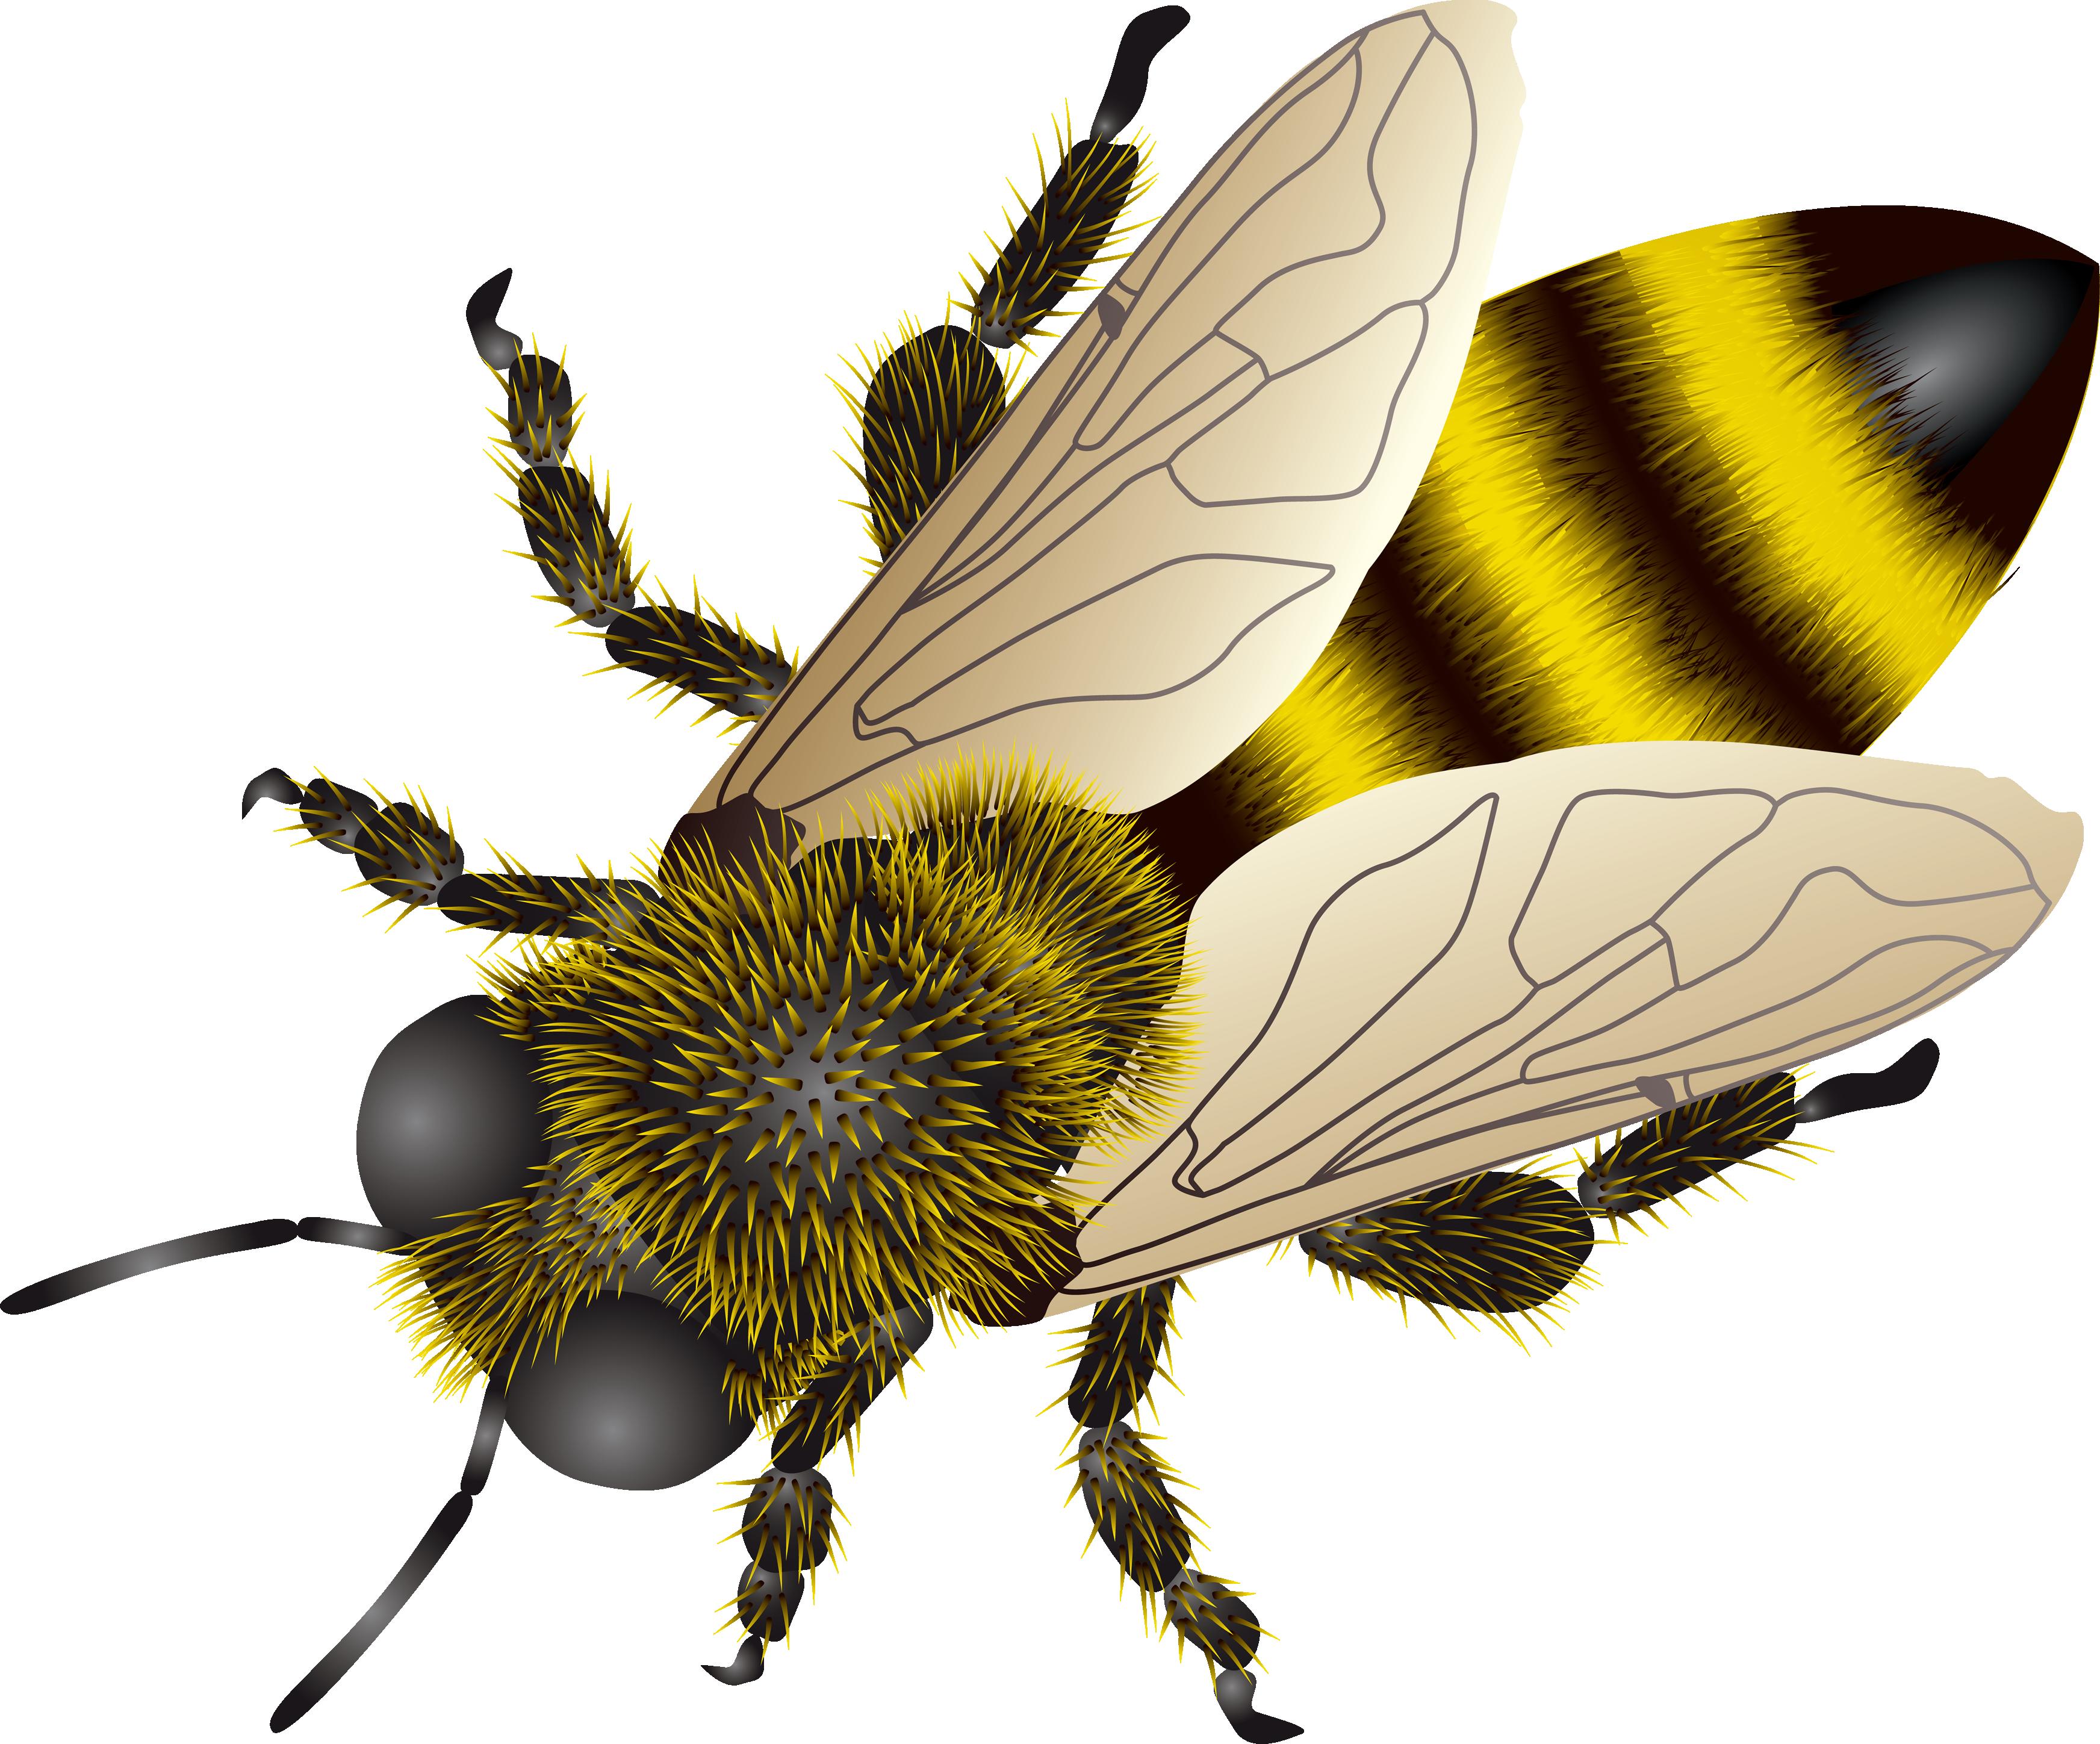 Hornet clipart buzzy. Animal bee wallpapers desktop